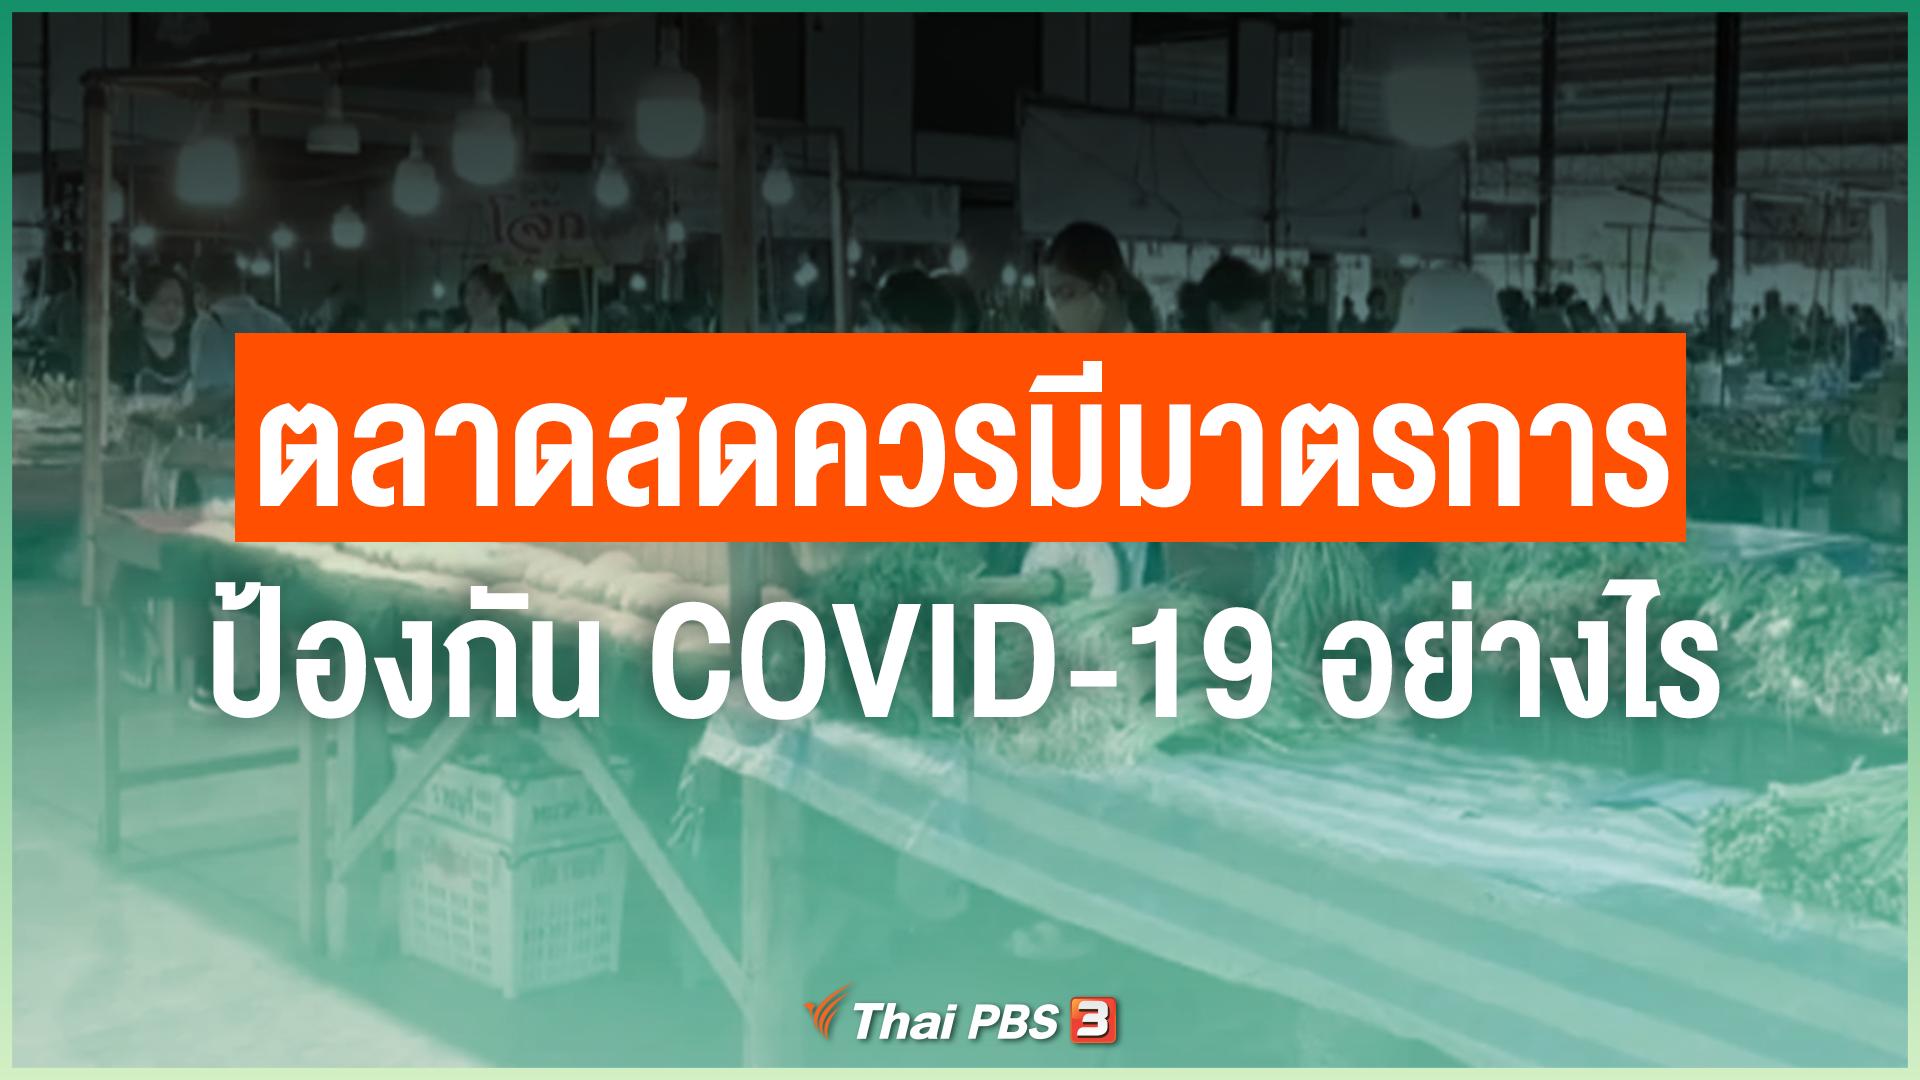 ตลาดสดควรมีมาตรการป้องกัน COVID-19 อย่างไร ?